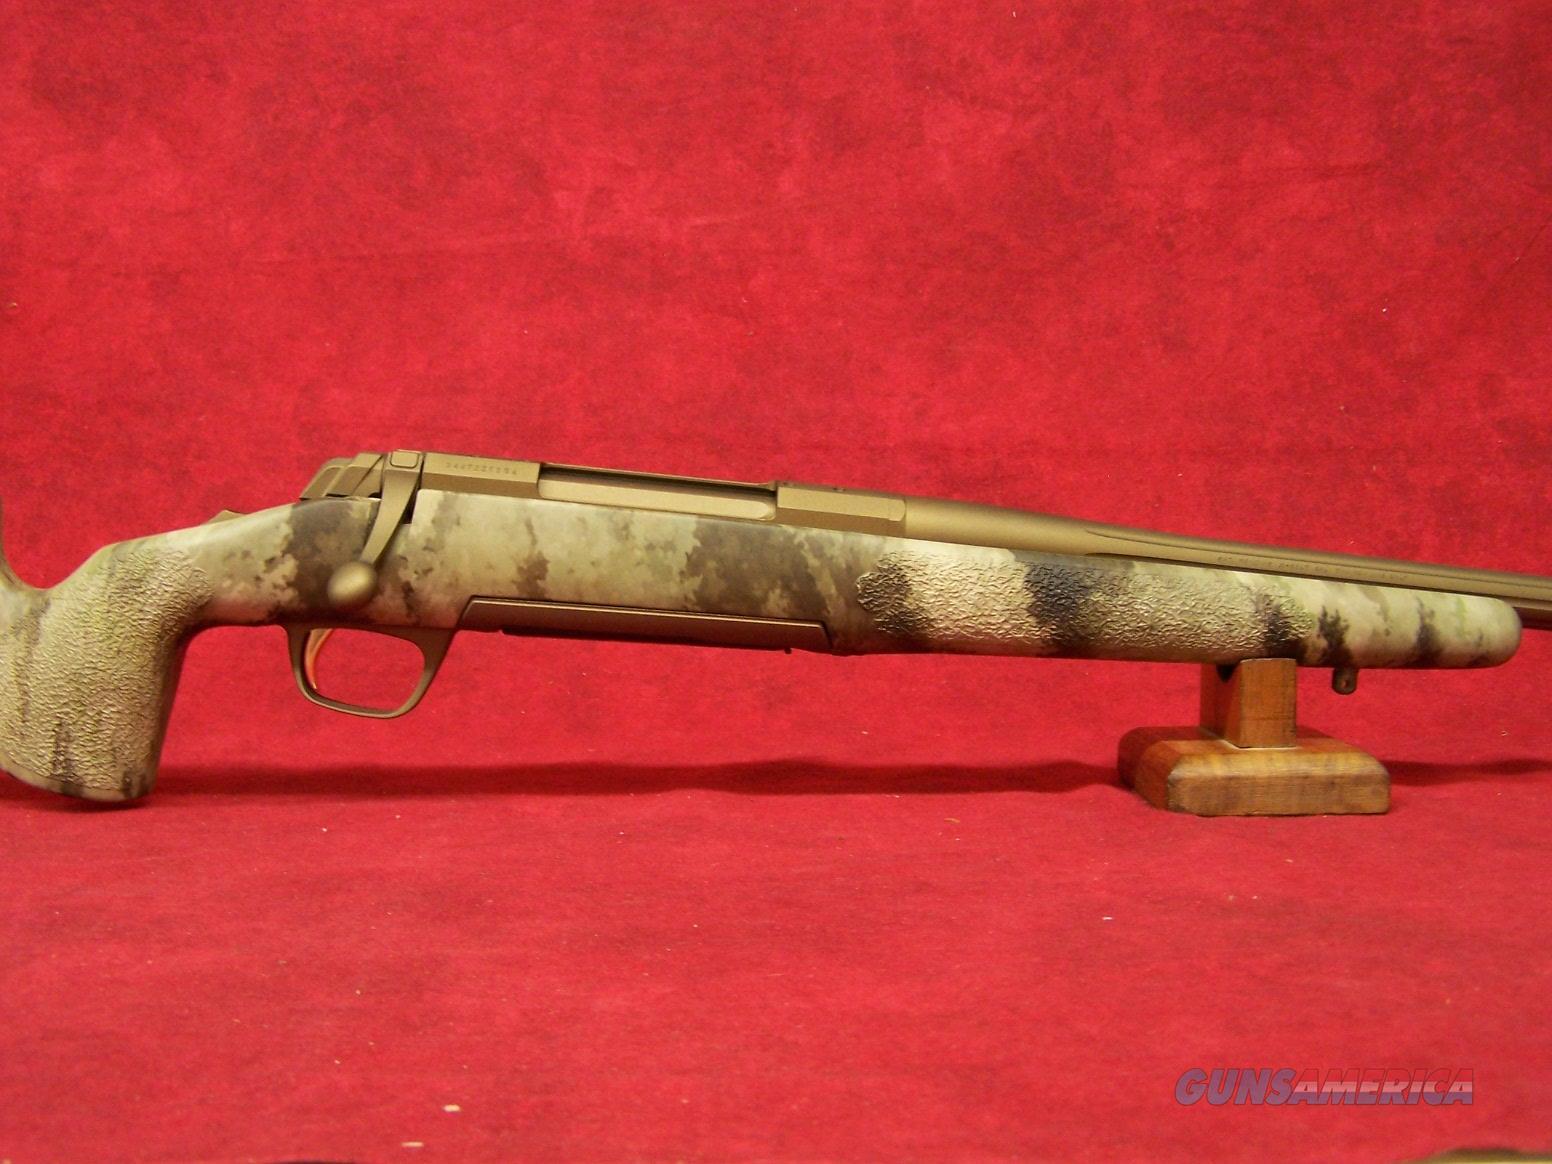 X-Bolt Hell's Canyon Long Range McMillan 7mm Remington Mag ( 035395227)  Guns > Rifles > Browning Rifles > Bolt Action > Hunting > Blue